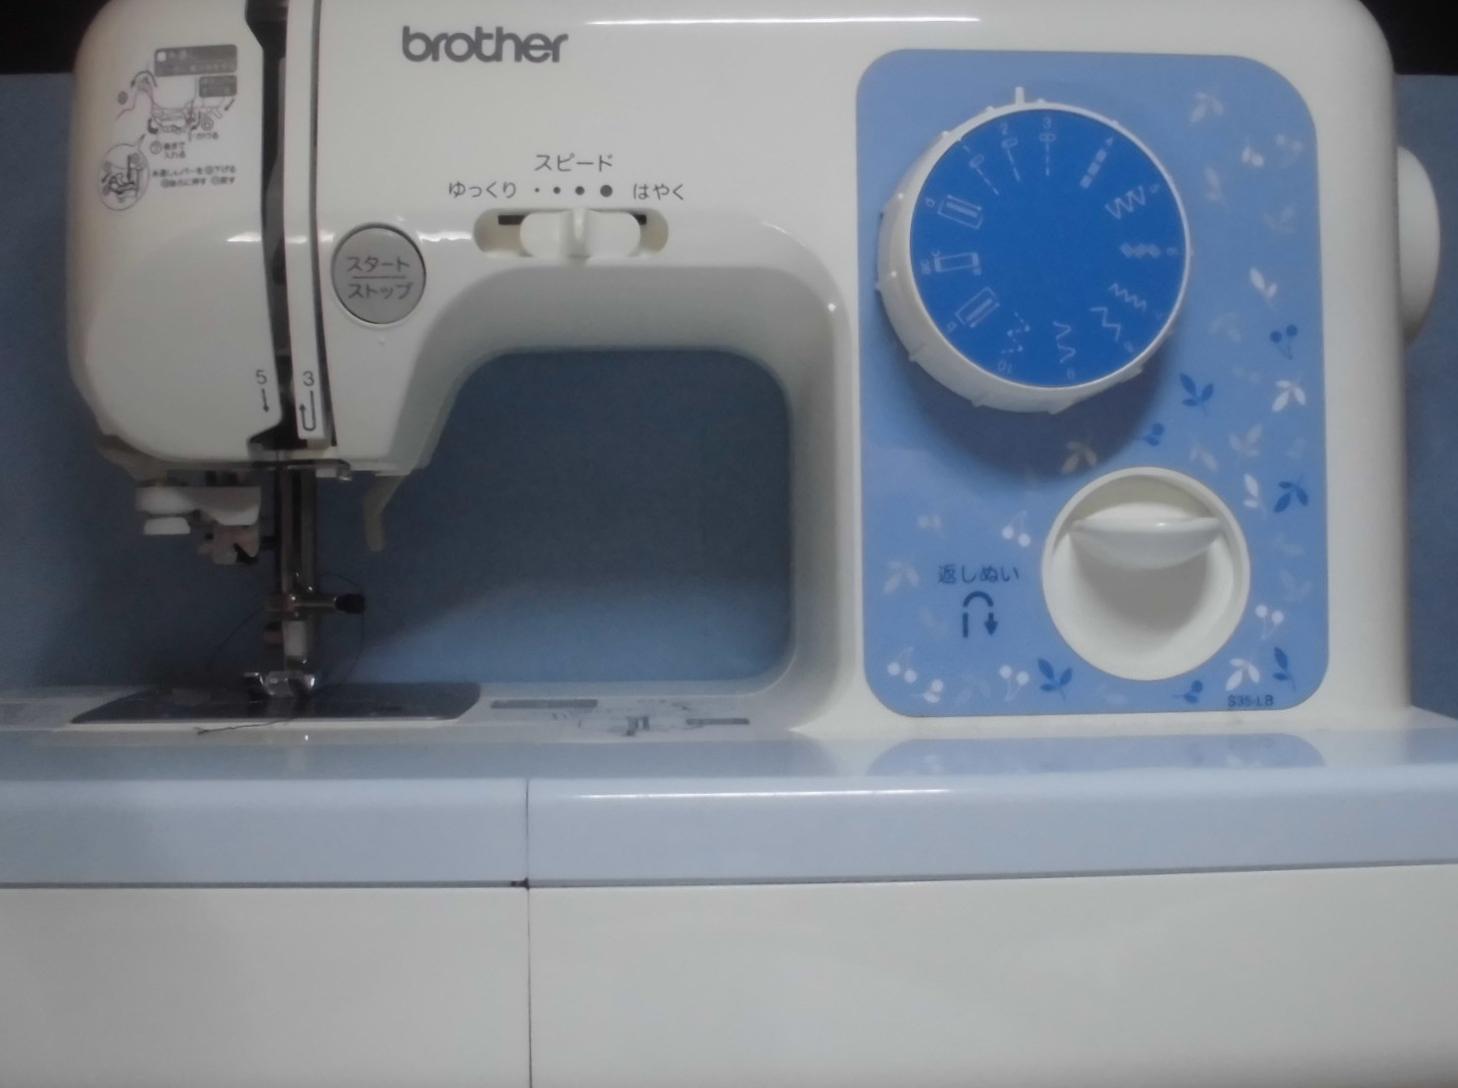 ブラザーミシンの修理|ELU52|S35-LB|針が布に貫通しない、縫えない、動かない